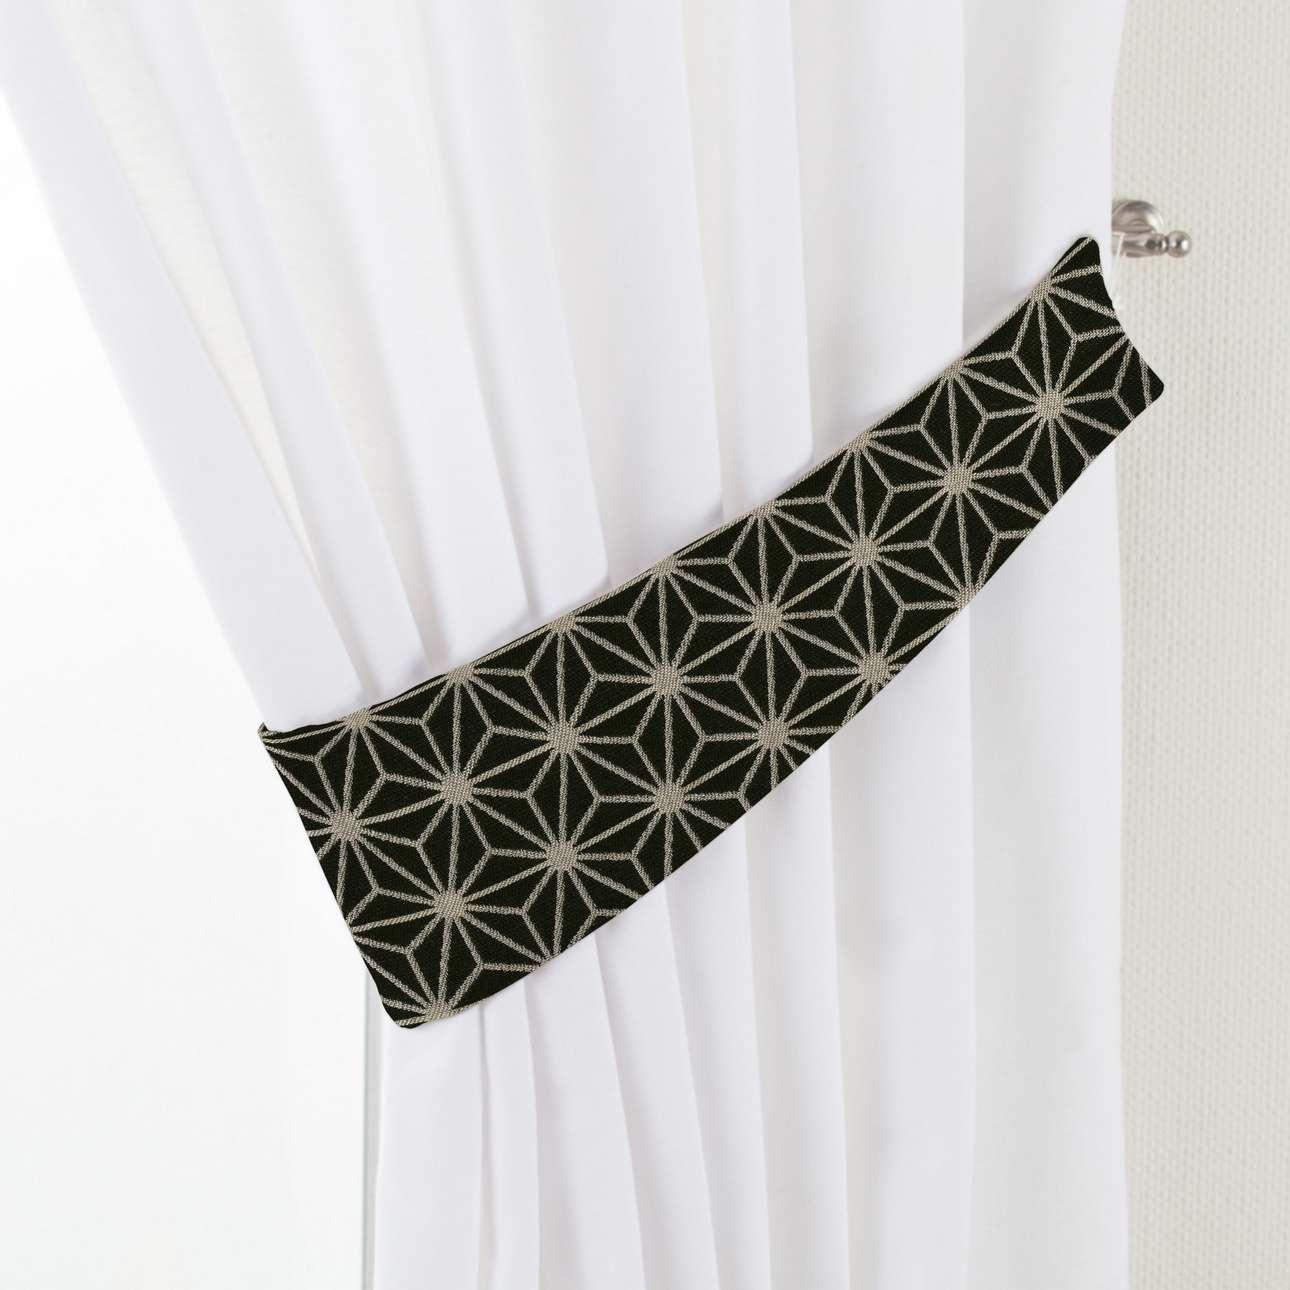 Podwiązka Victoria w kolekcji Black & White, tkanina: 142-56